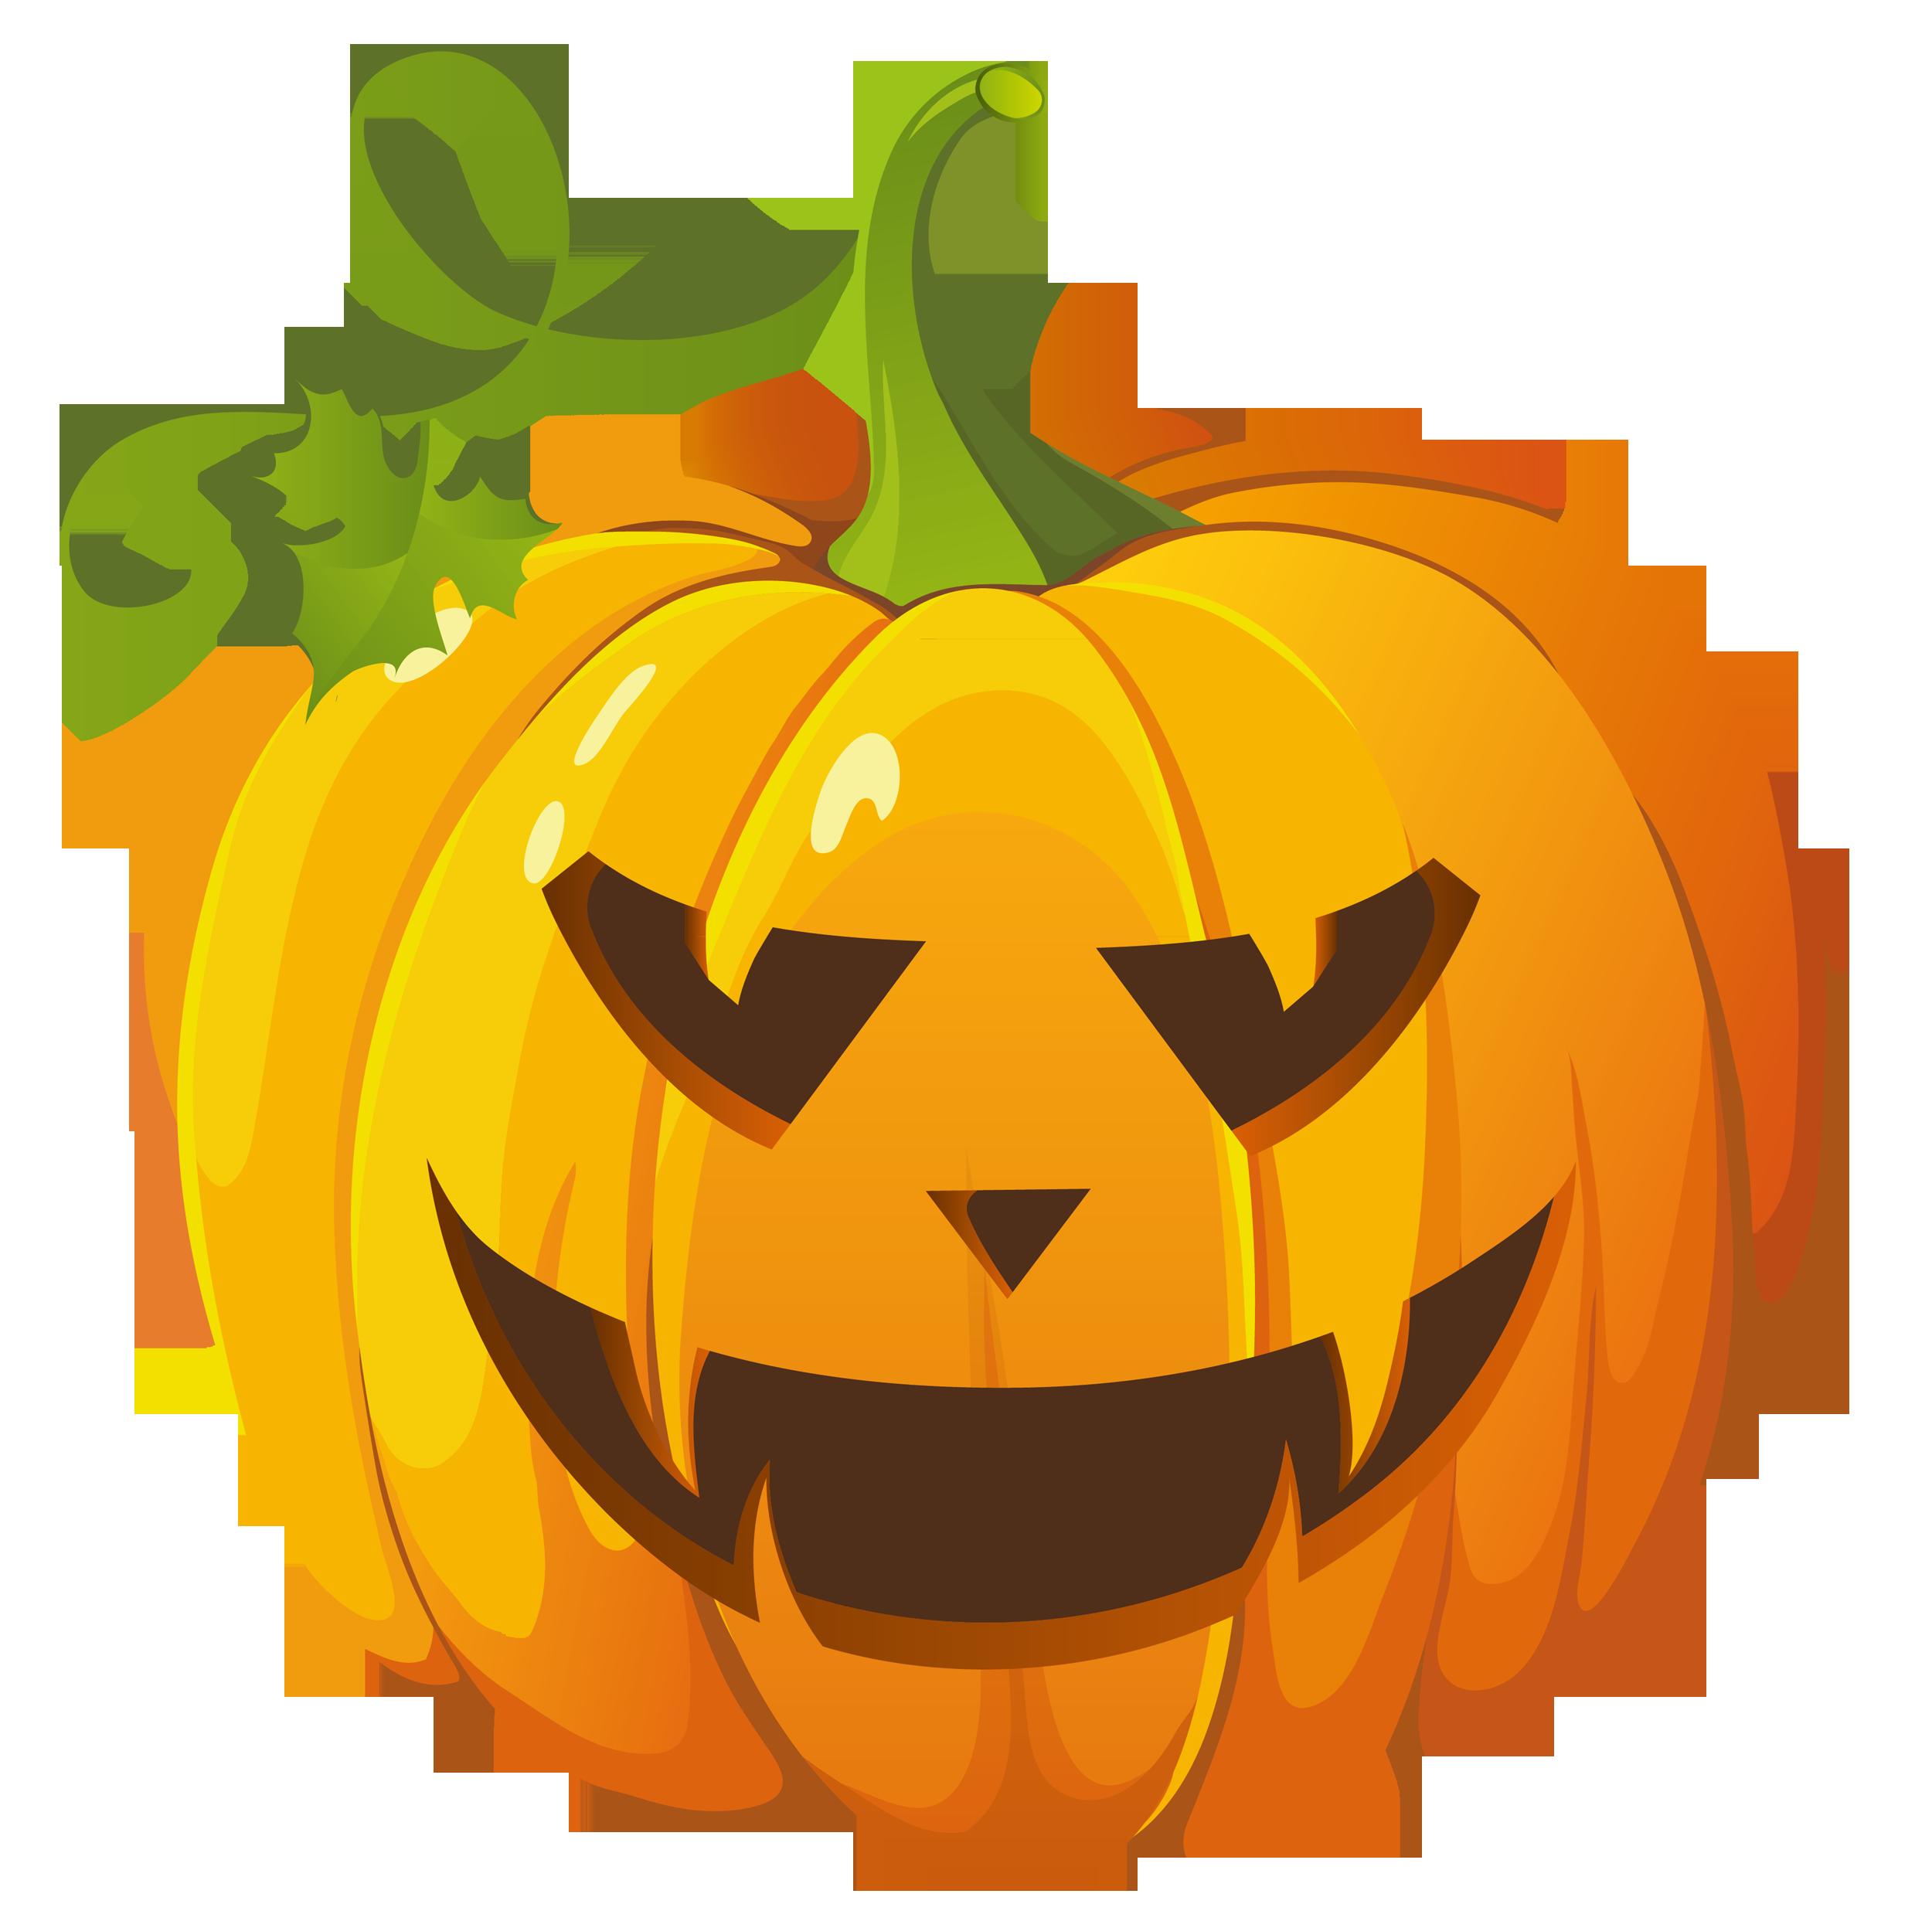 Cute Pumpkin Patch Clipart Large Transpa-Cute Pumpkin Patch Clipart Large Transparent Halloween Pumpkin Clipart-19